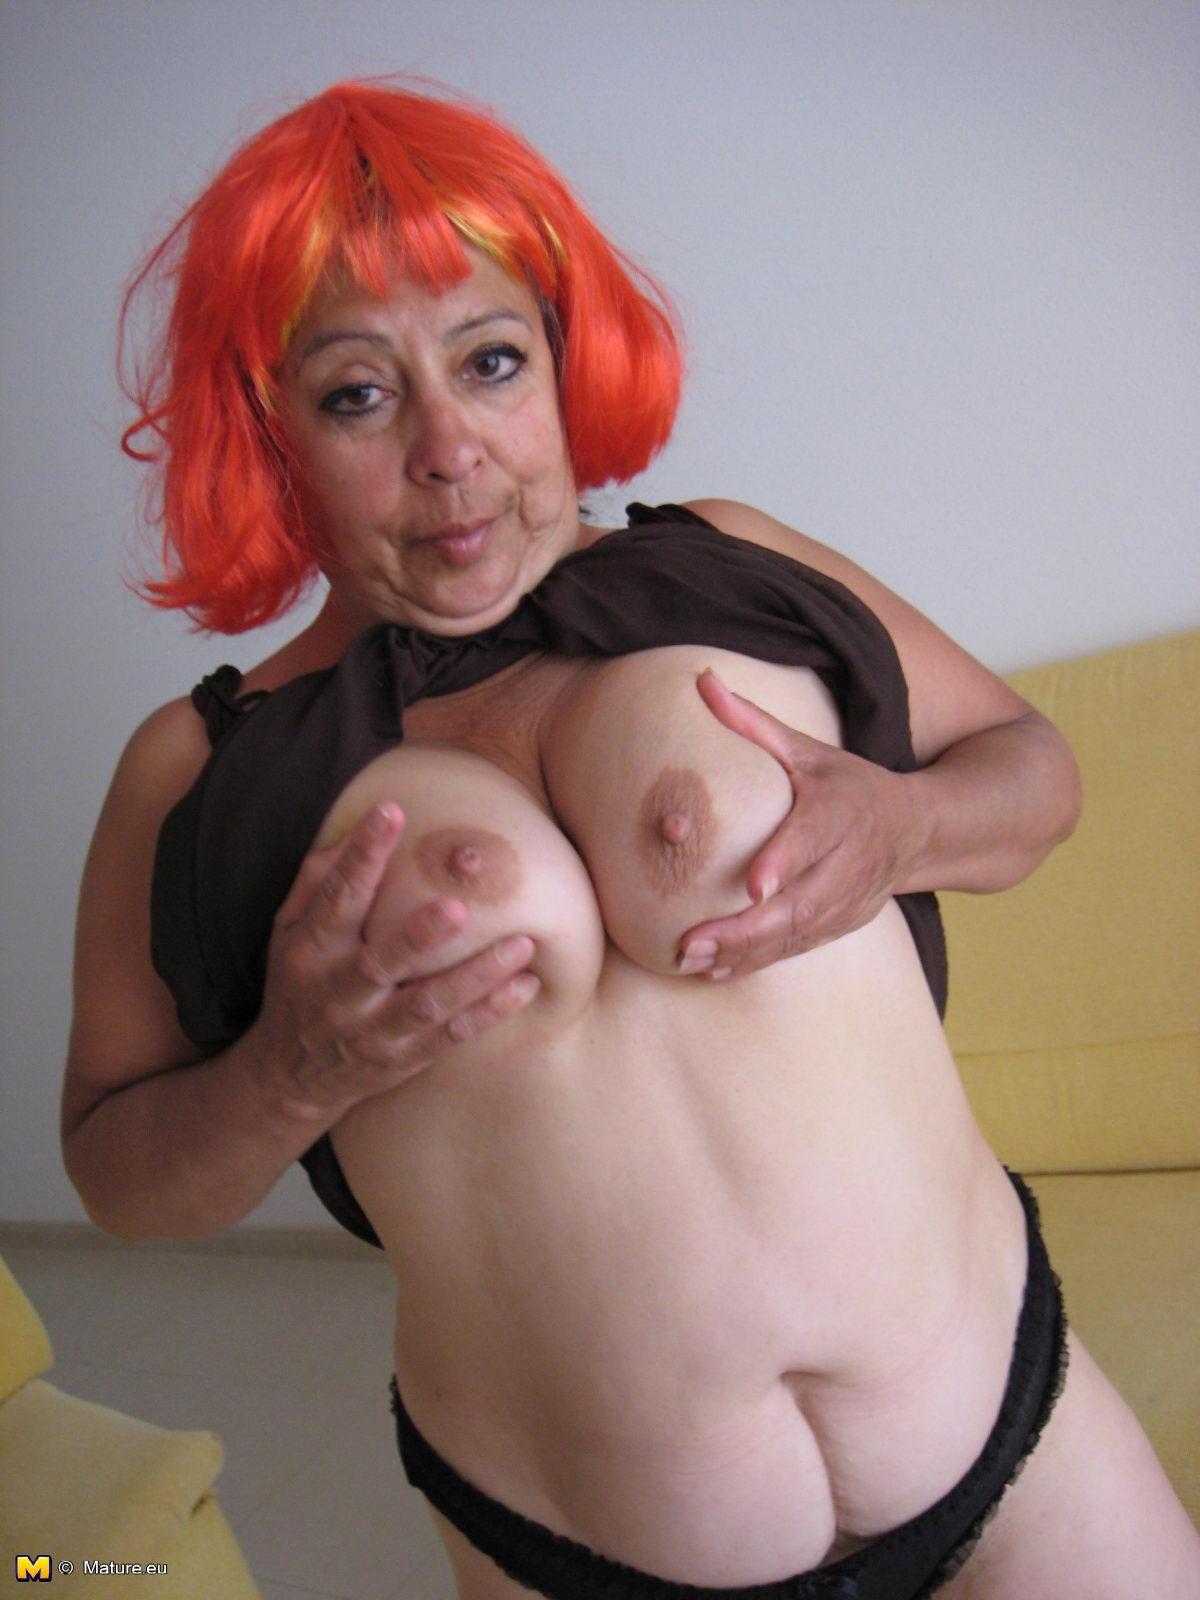 europe-mature-sluts-videos-sex-video